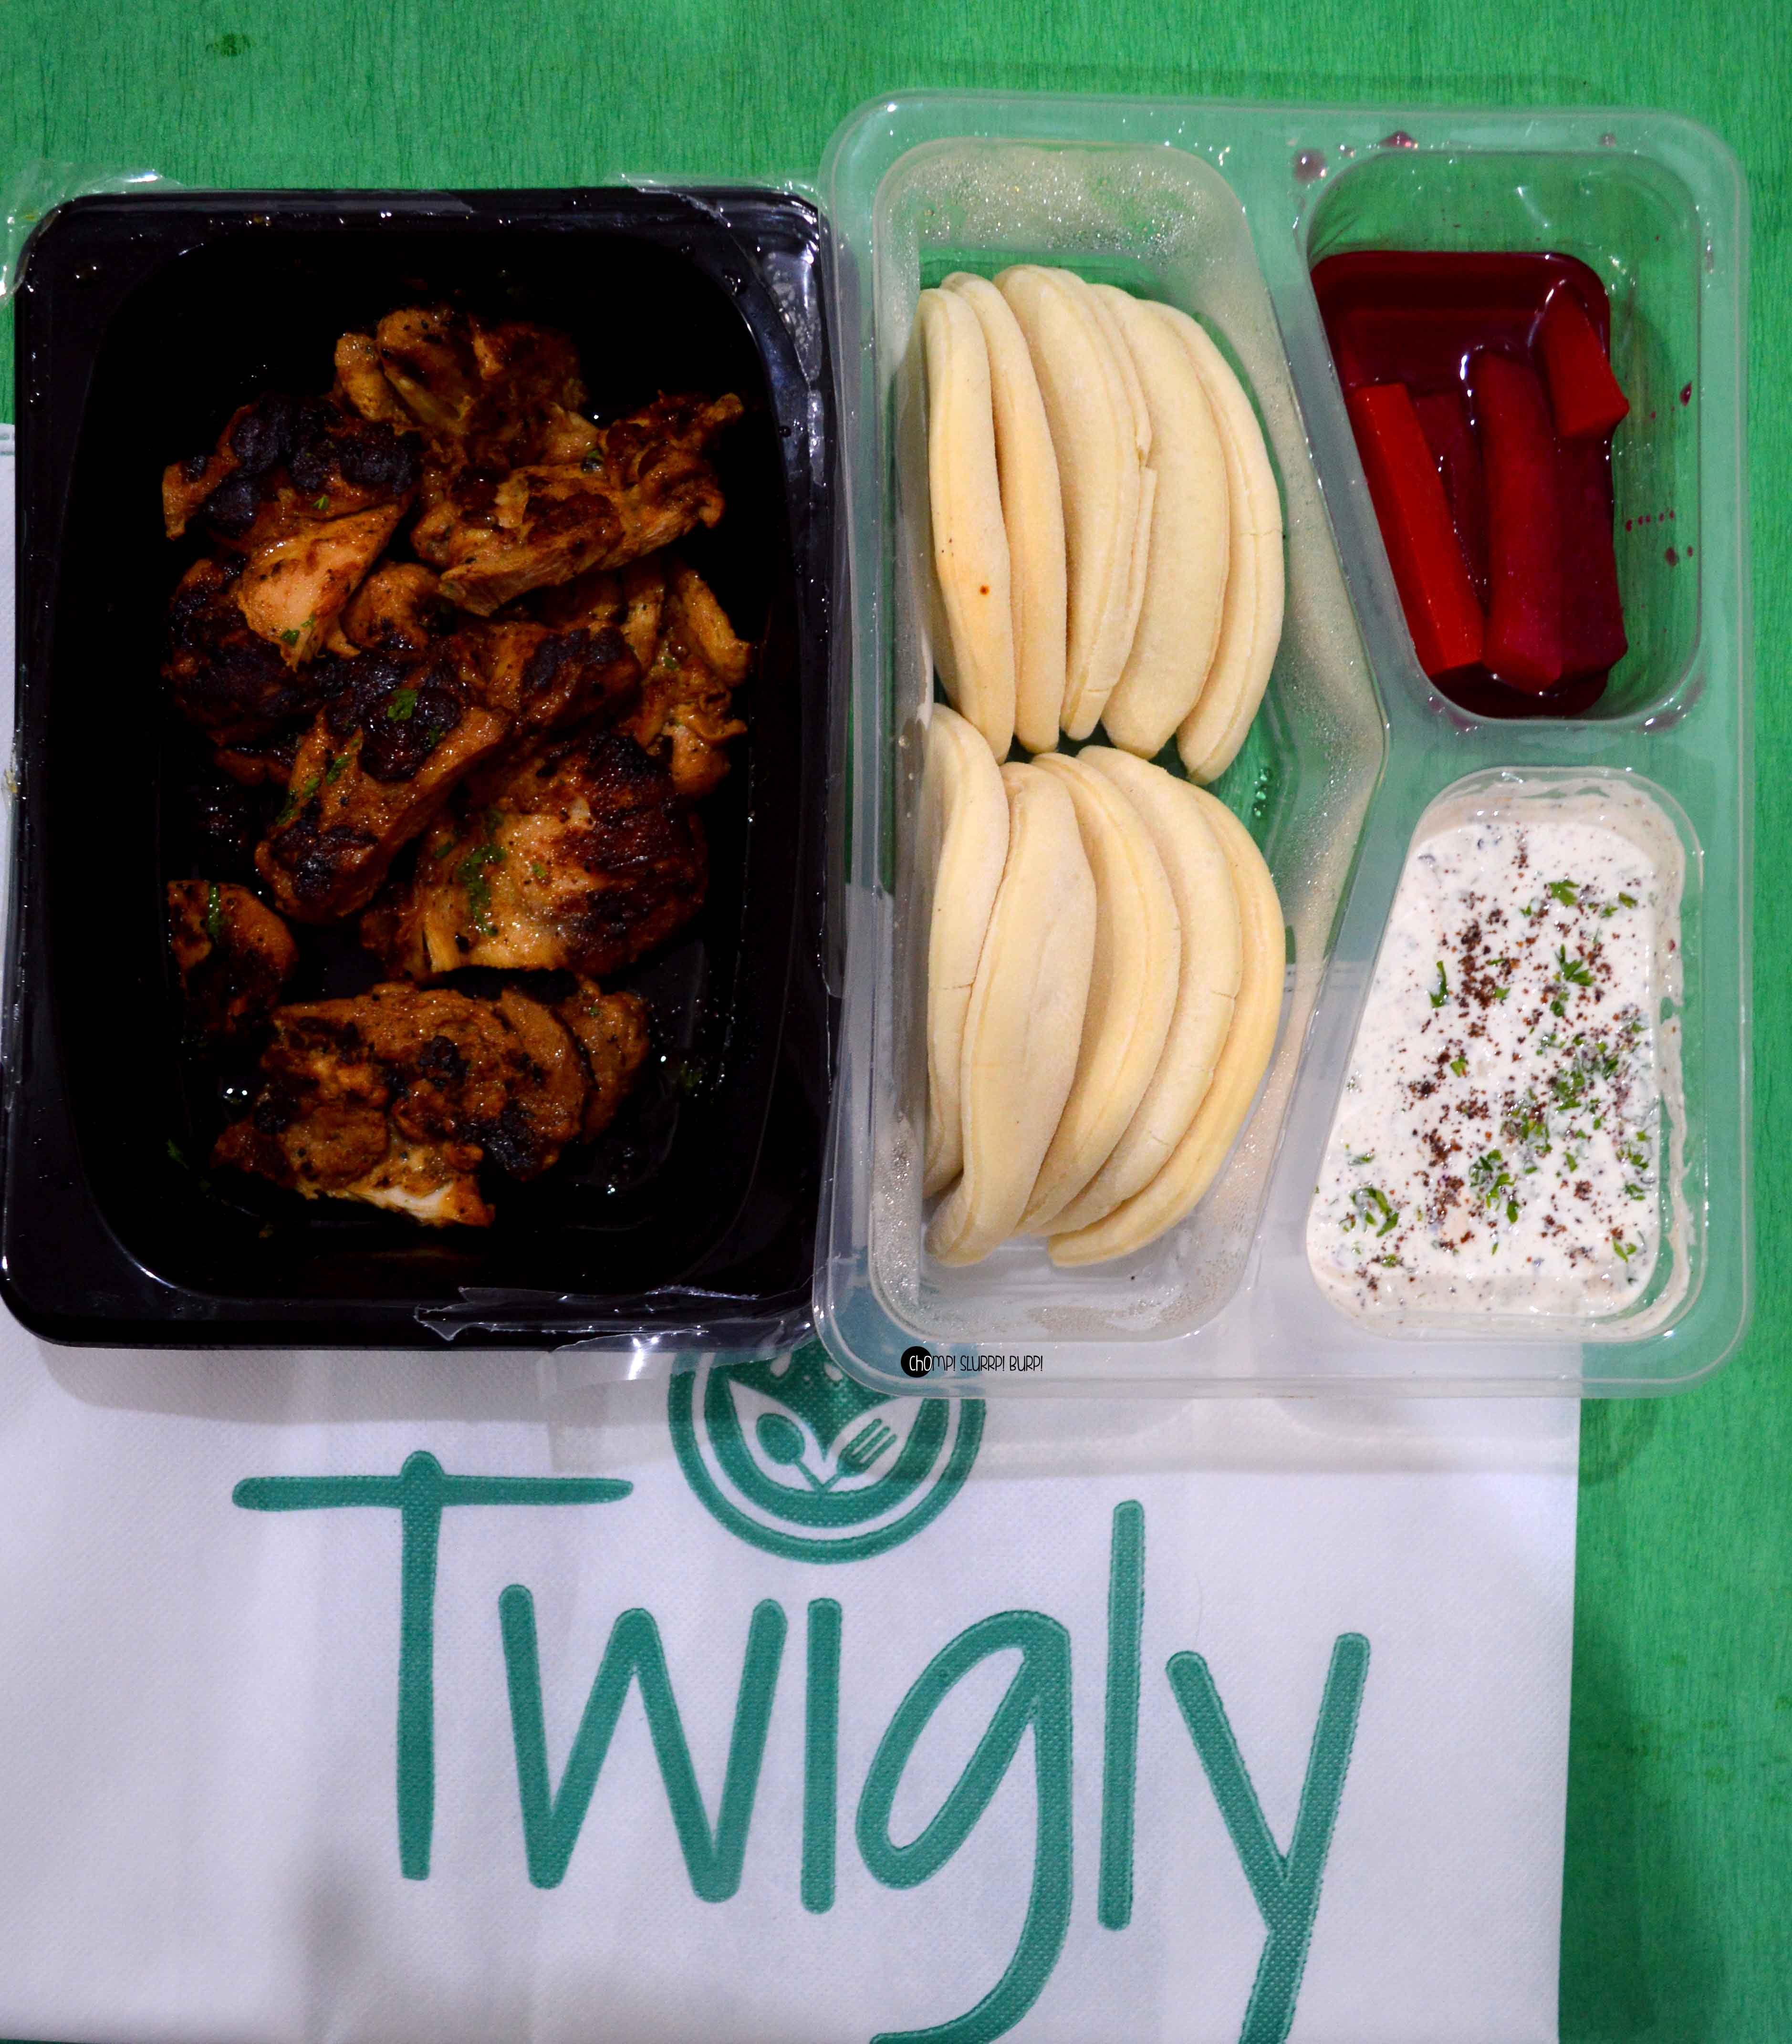 twigly-6